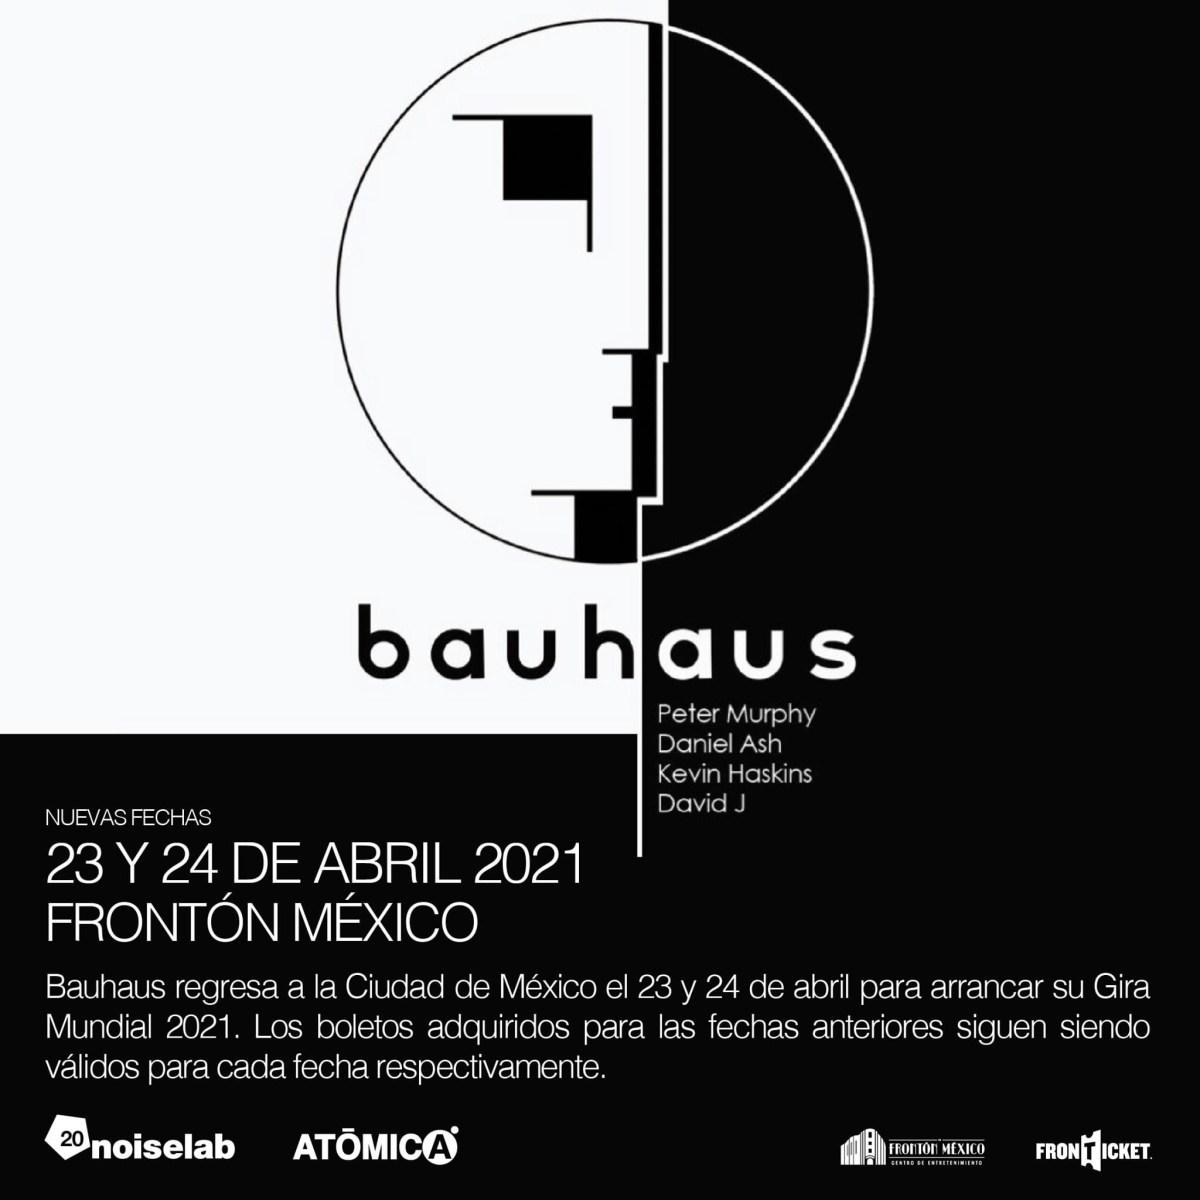 bauhaus-concierto-mexico